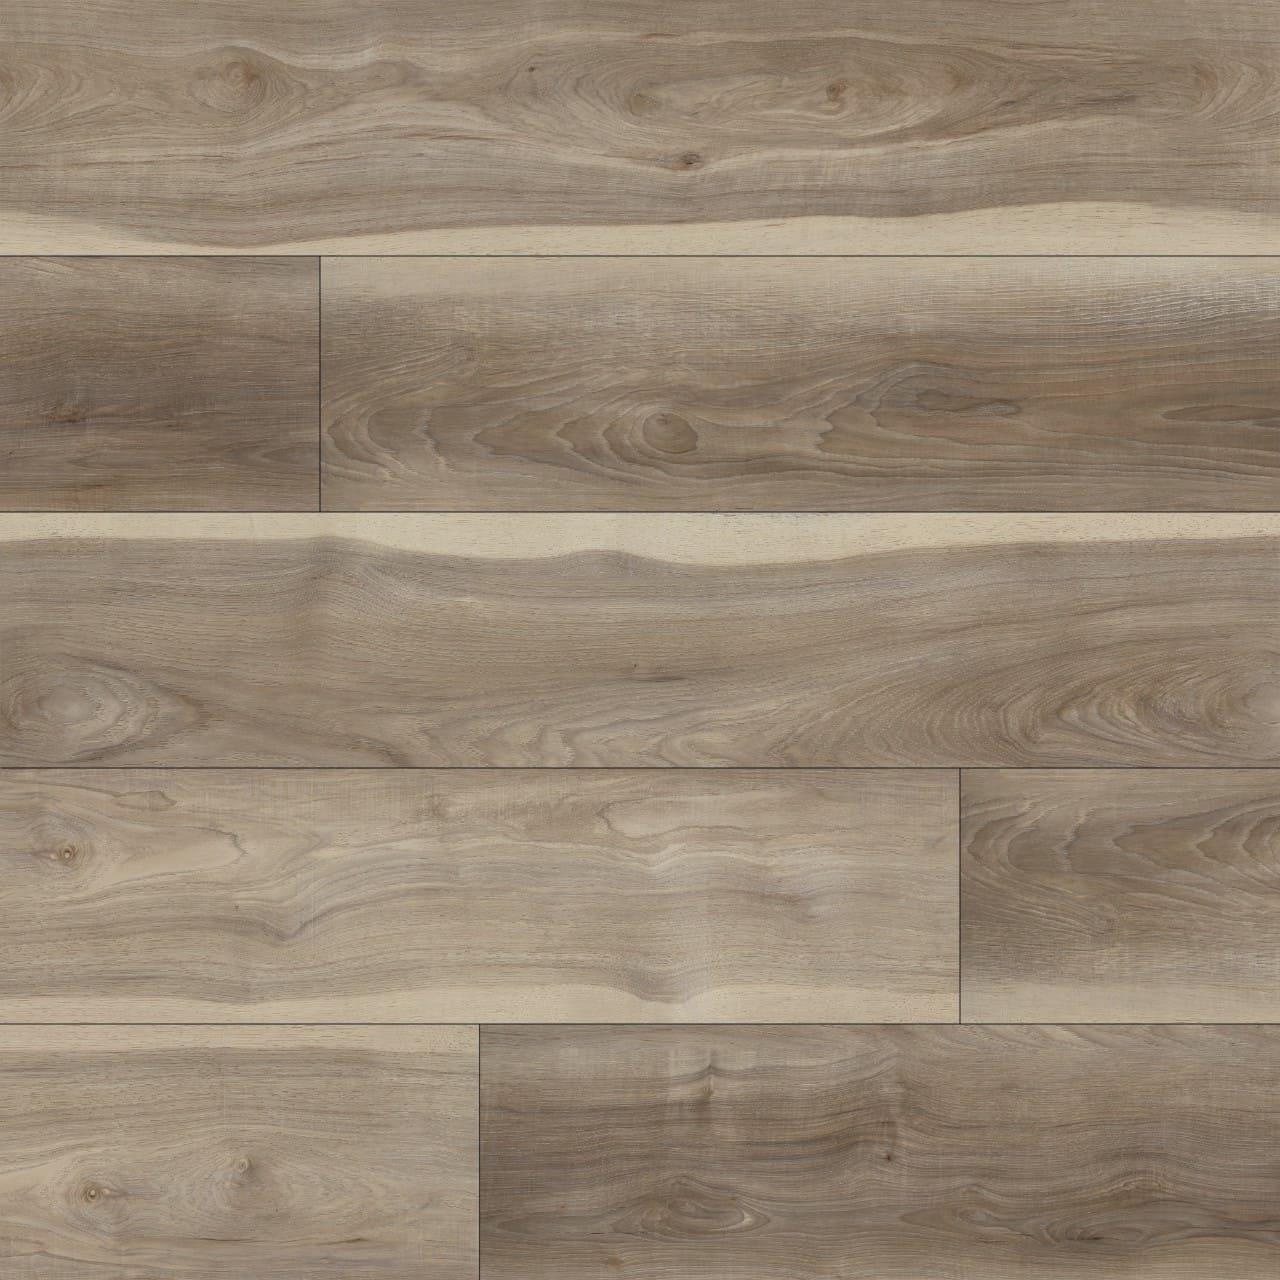 Andover Highcliffe Greige Lvp Flooring